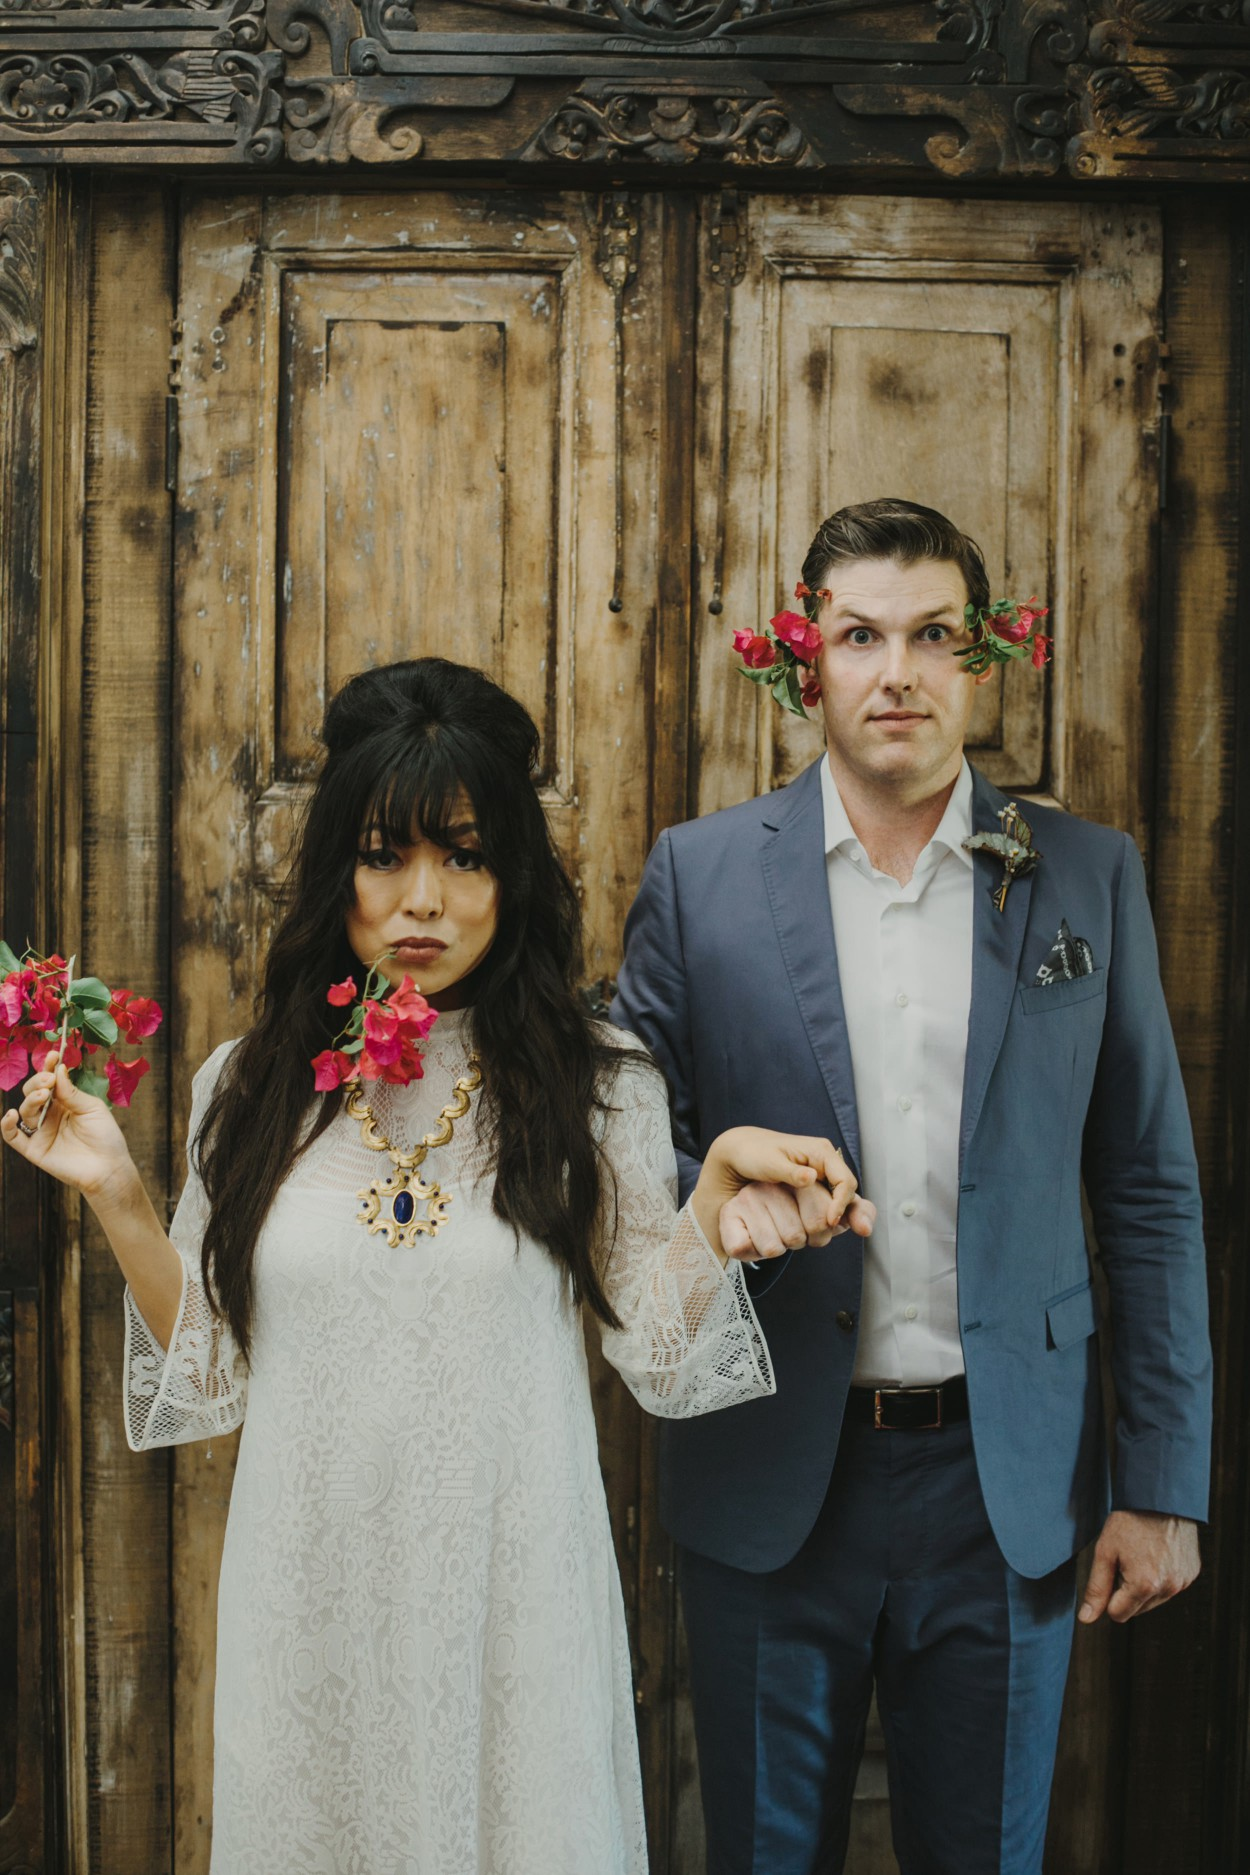 I-Got-You-Babe-Weddings-The-Riad-Byron-Bay-Wedding-Kitty-Jimmy045.jpg